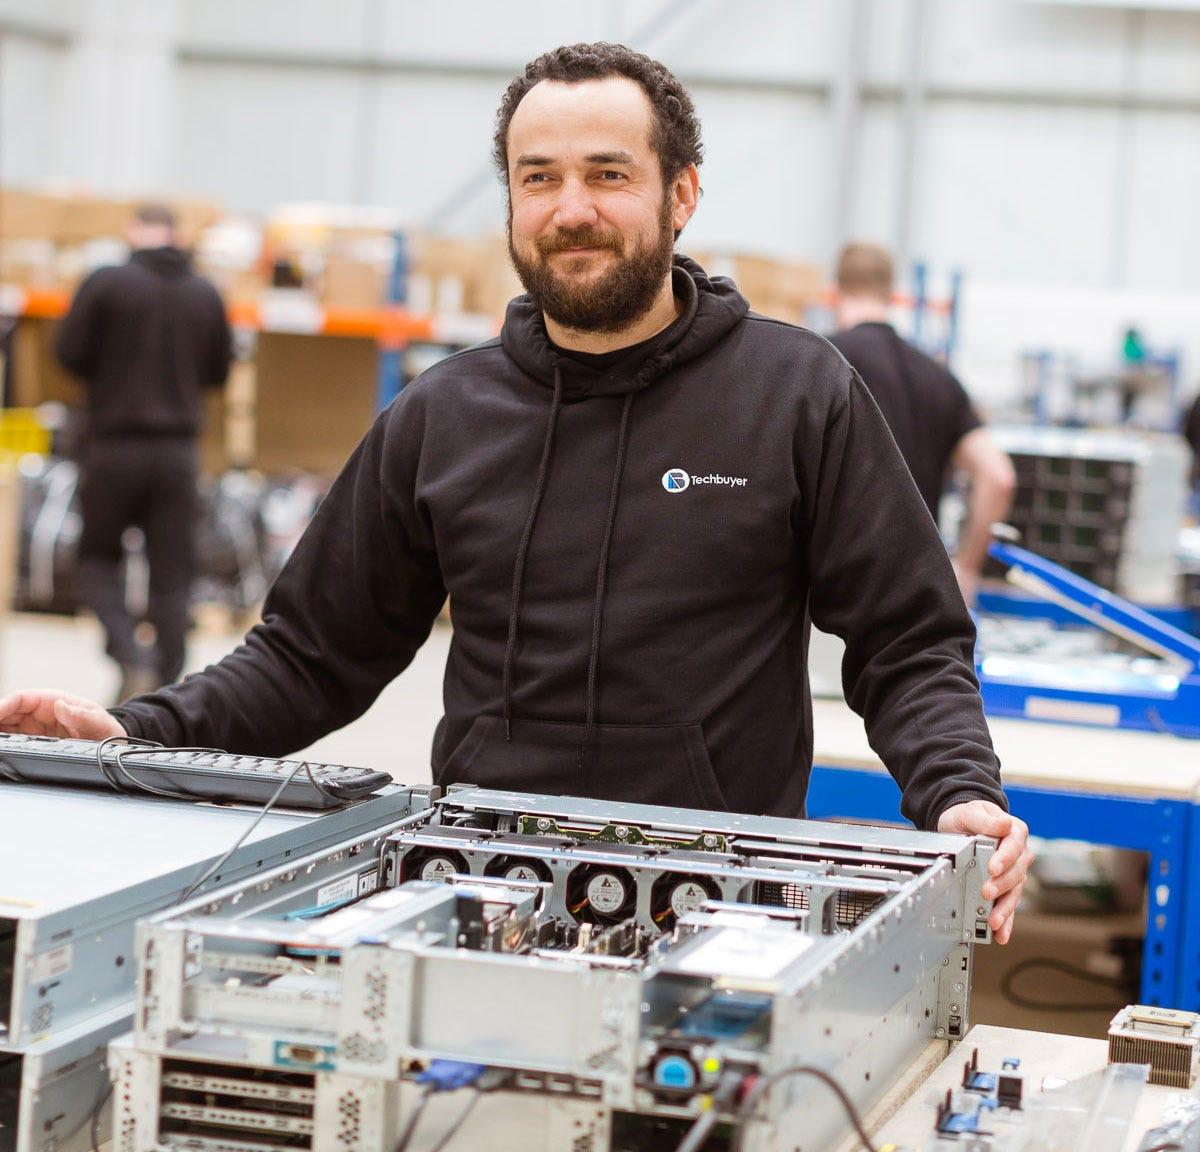 Wir konfigurieren Server von bekannten Marken wie HP, Dell, Intel, IBM und Cisco